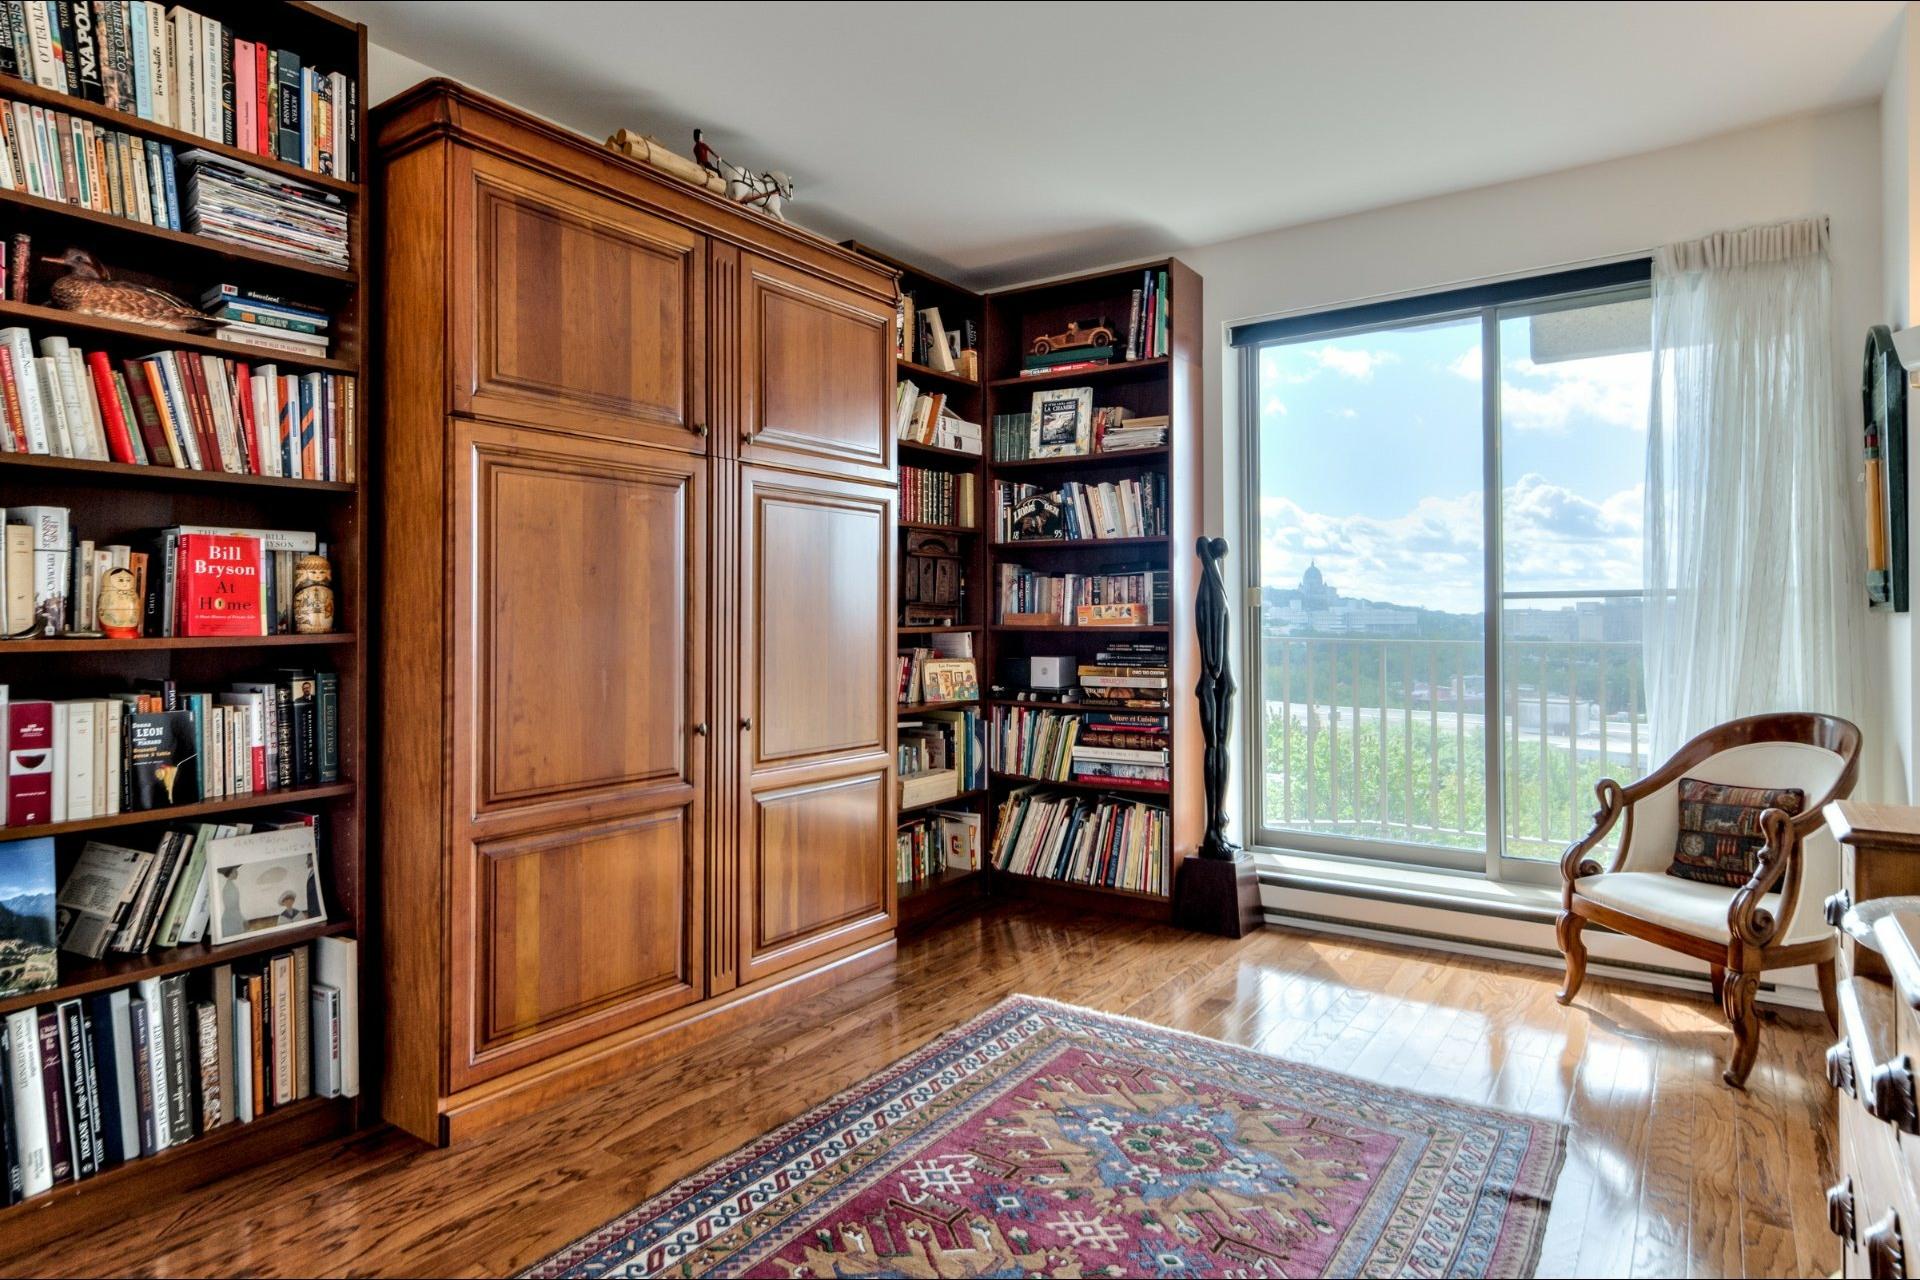 image 25 - Apartment For sale Côte-des-Neiges/Notre-Dame-de-Grâce Montréal  - 12 rooms